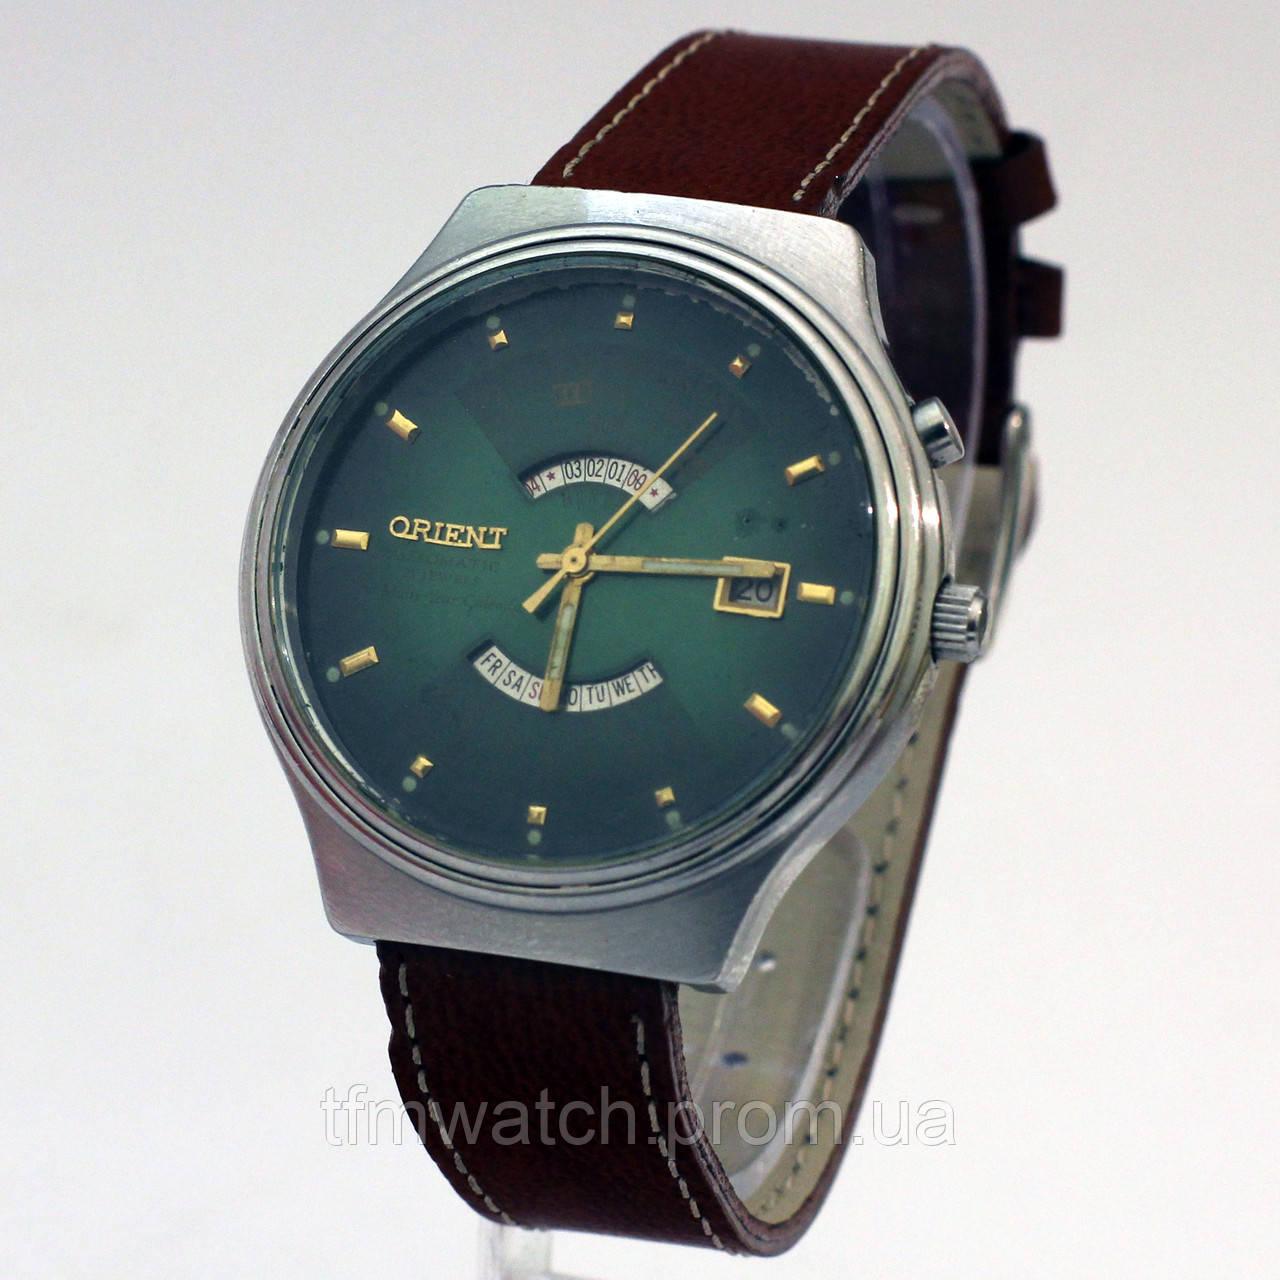 Мужские часы Orient автоподзавод